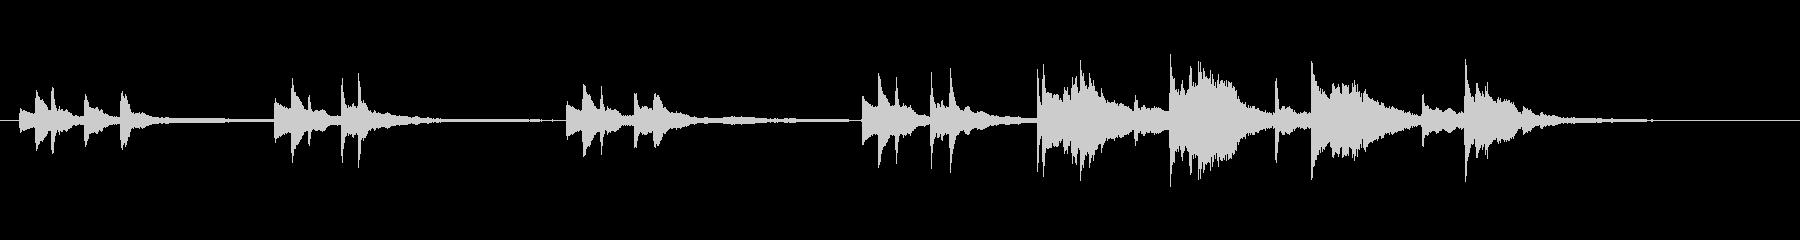 切ないピアノソロ(後半は弱め)の未再生の波形